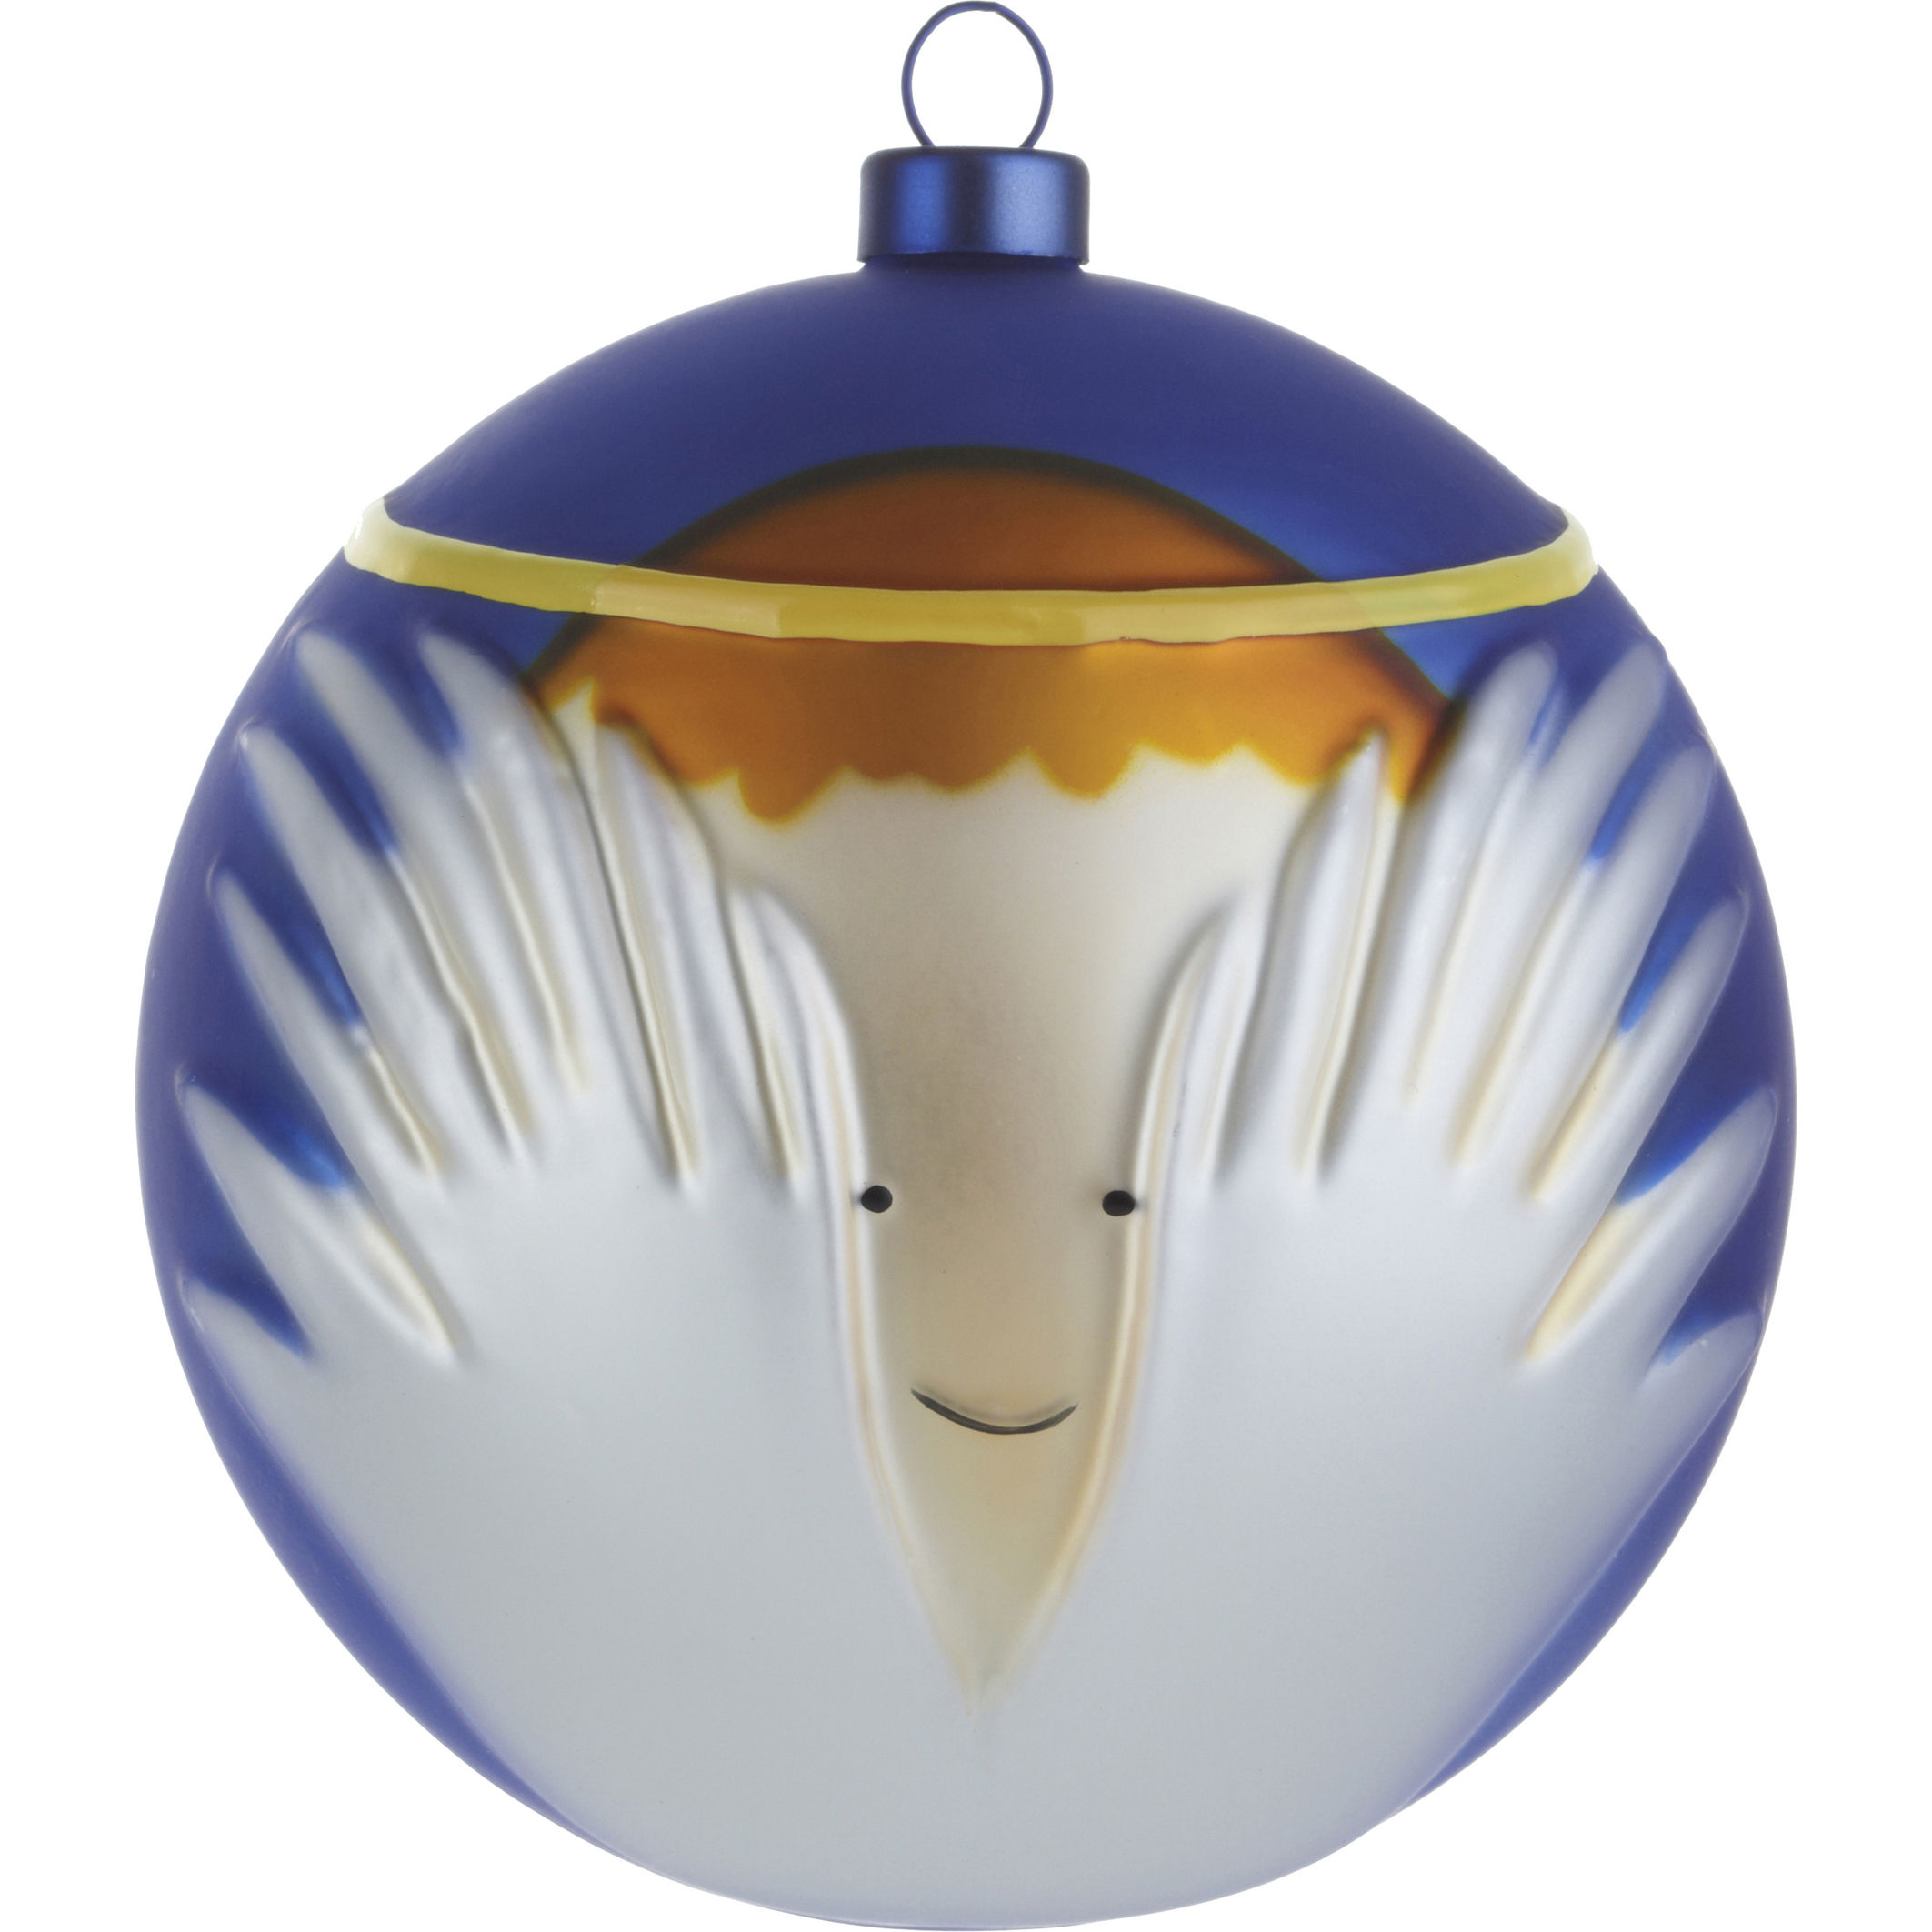 Dekoration - Dekorationsartikel - Angioletto Weihnachtskugel / Engel - A di Alessi - Engel - blau, weiß & gold - mundgeblasenes Glas